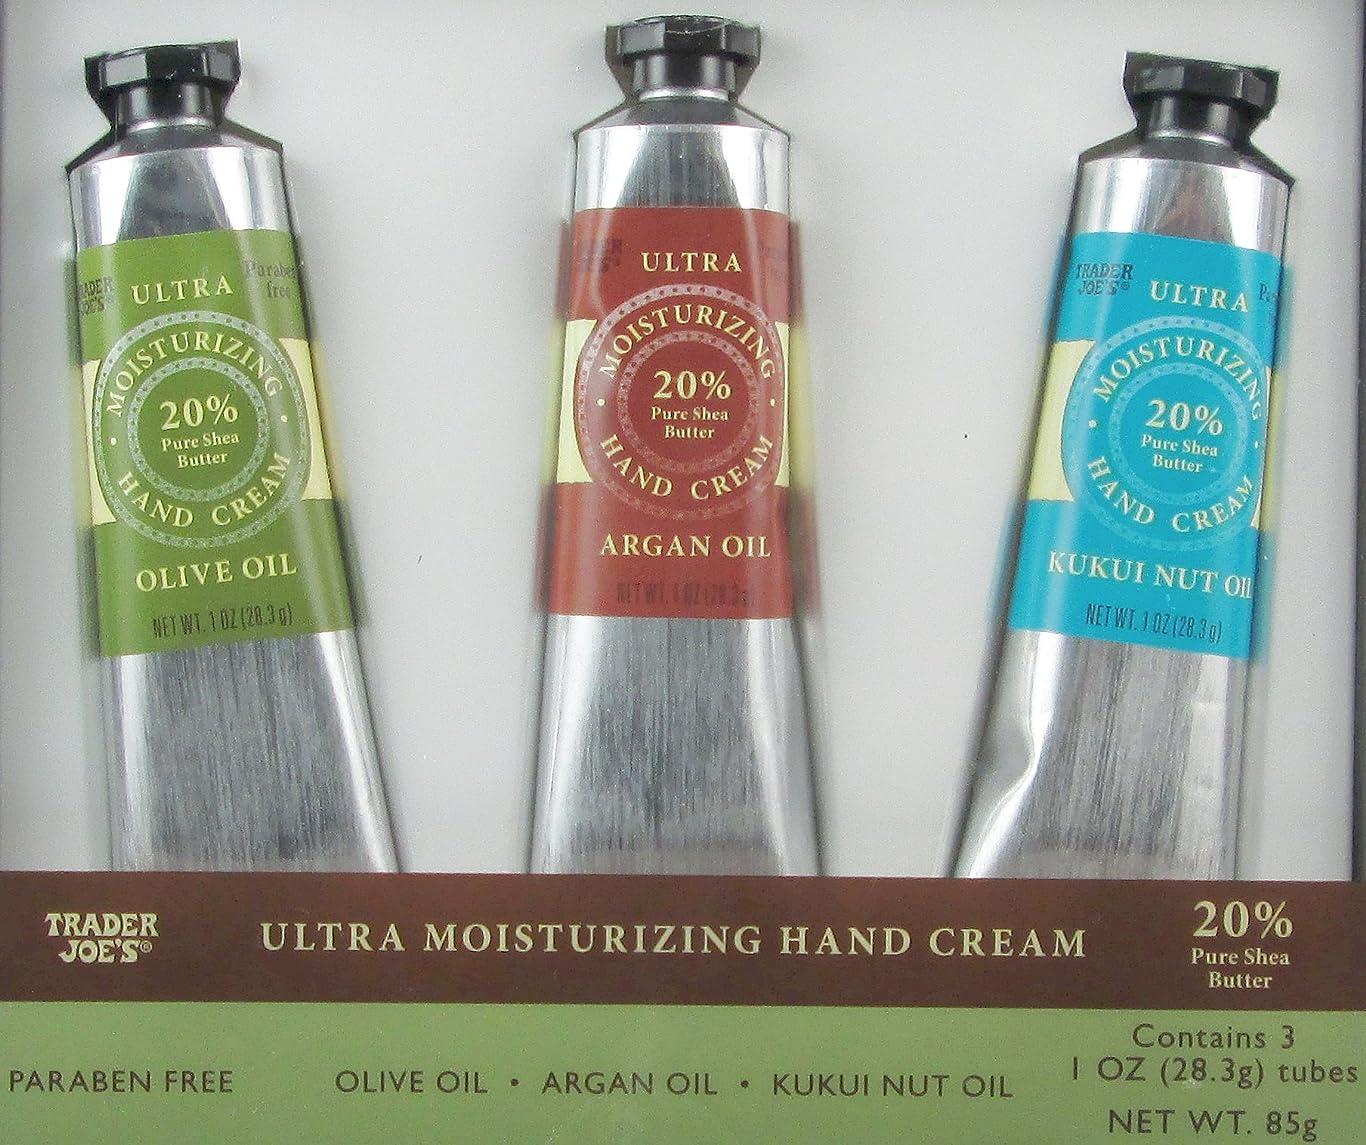 包囲パキスタン手当トレーダージョーズ ウルトラ モイスチャライジング ハンドクリーム 3種類 ギフトセット Trader Joe's Moisturizing Hand Cream Trio Olive Oil, Argan Oil, Kukui Nut